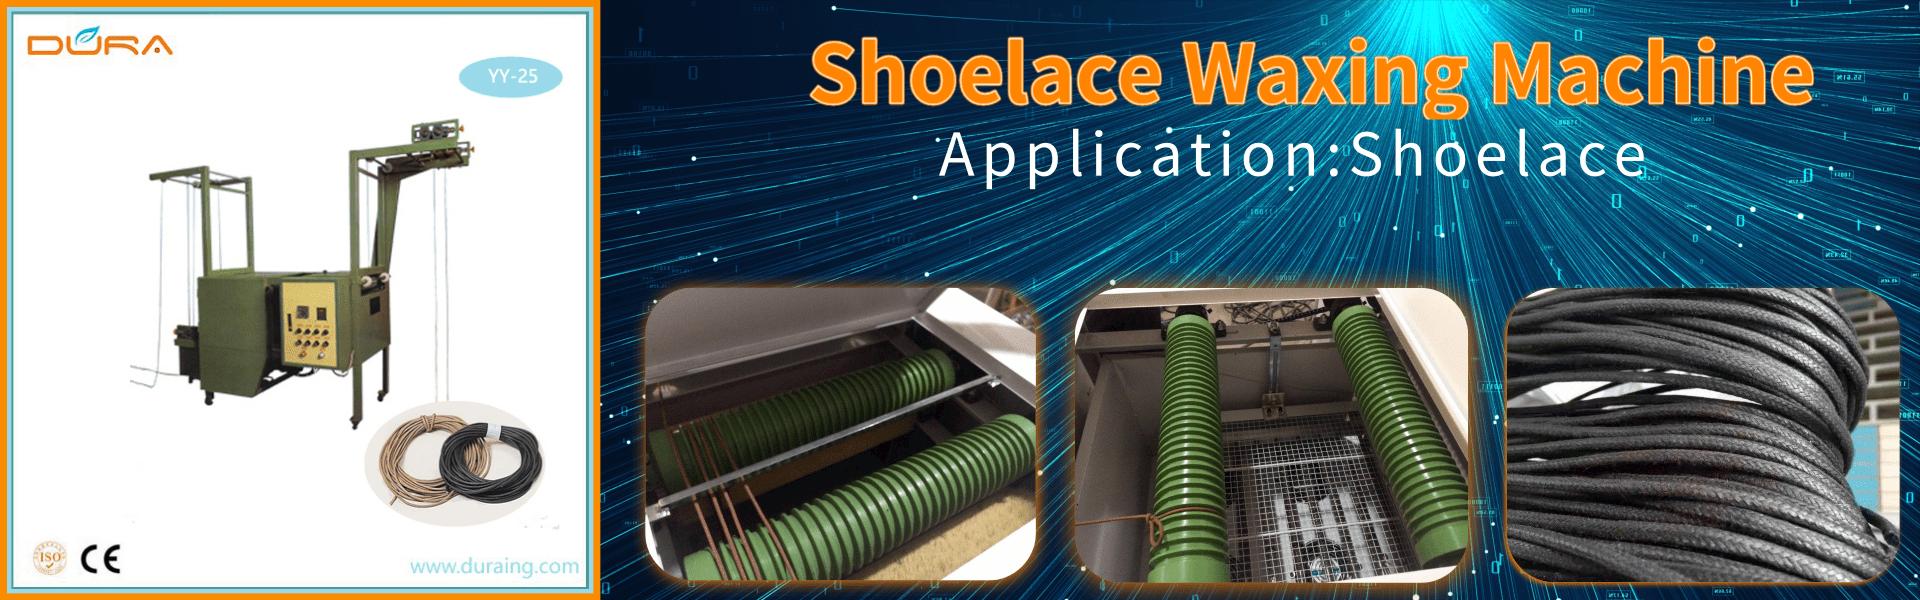 Shoelace Waxing Machine